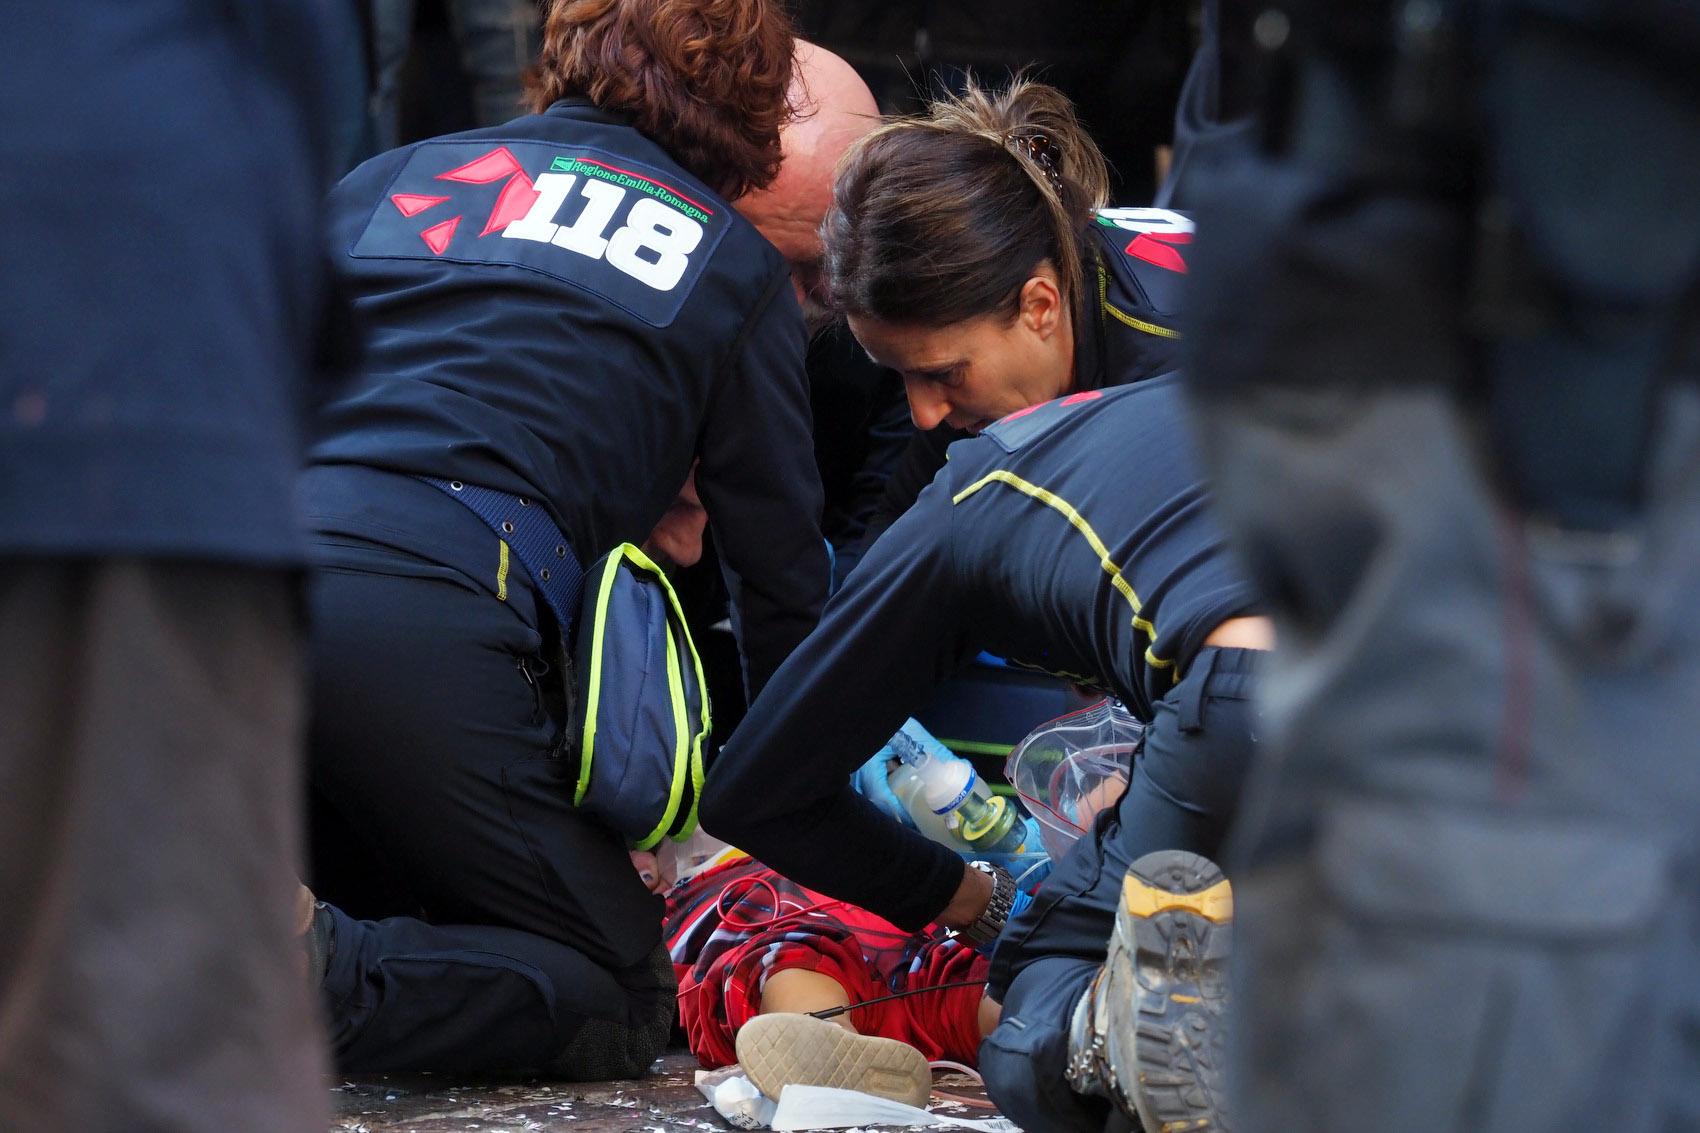 Gianlorenzo Marchisil bimbo caduto dal carro di Carnevale a Bologna